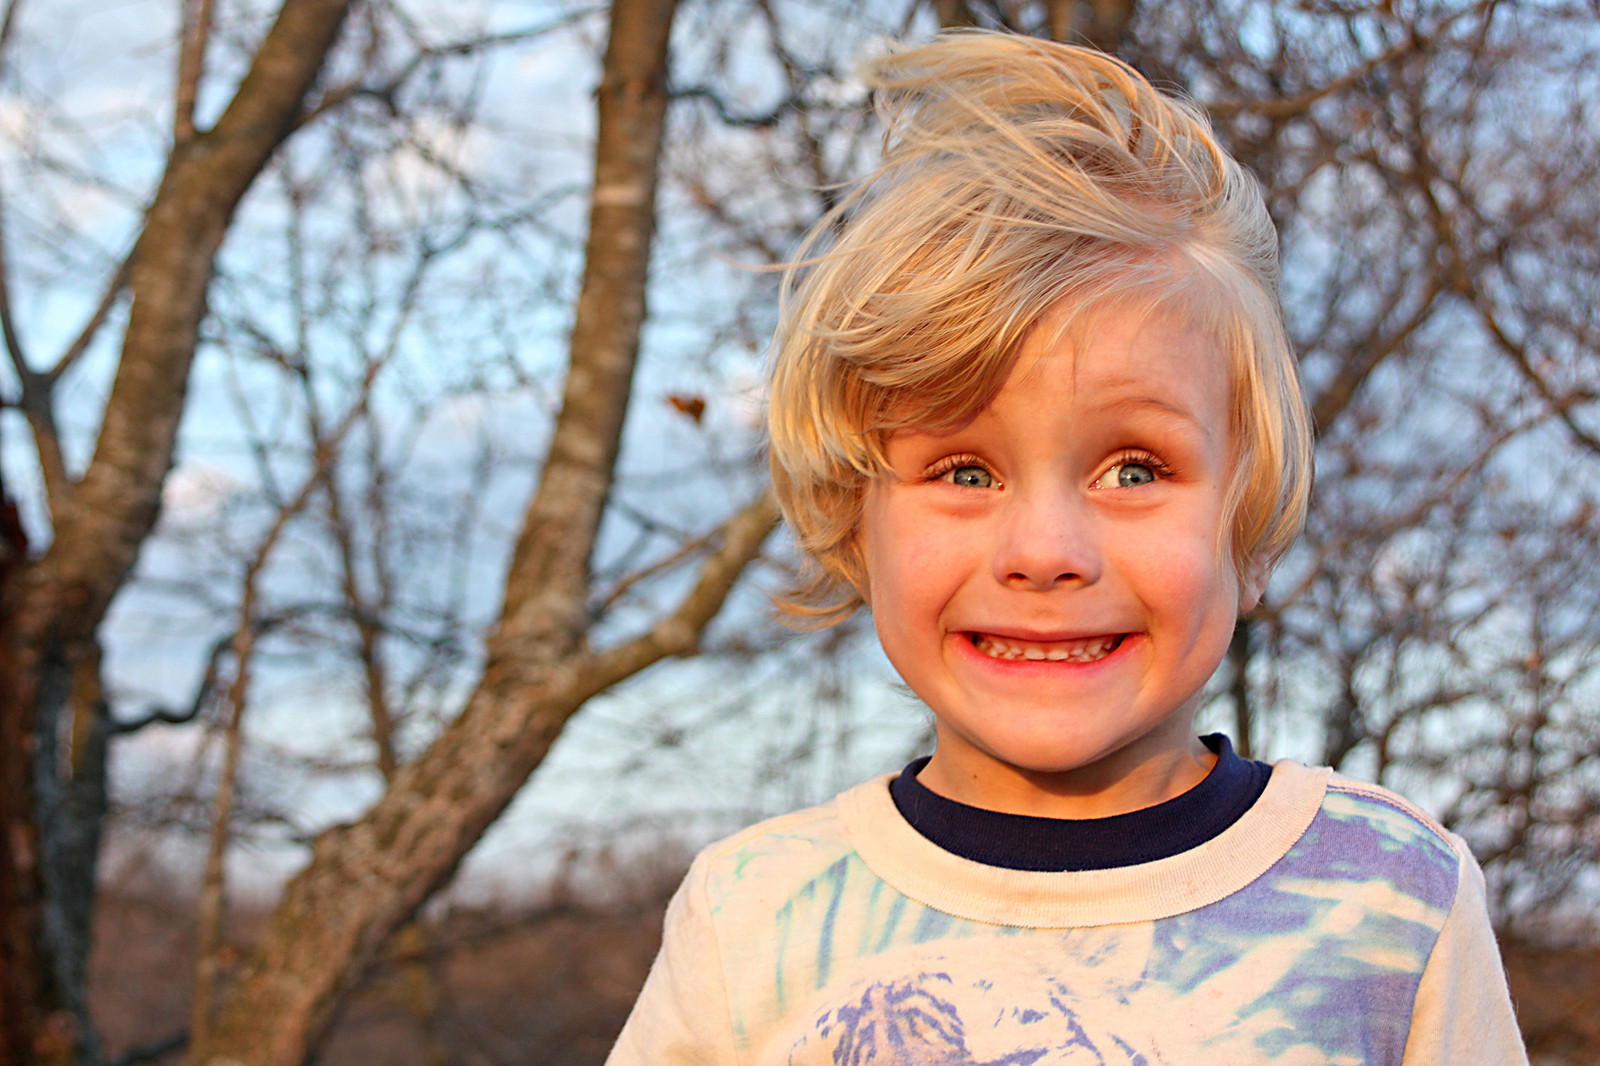 Kleiner Junge steht im Wald und lacht